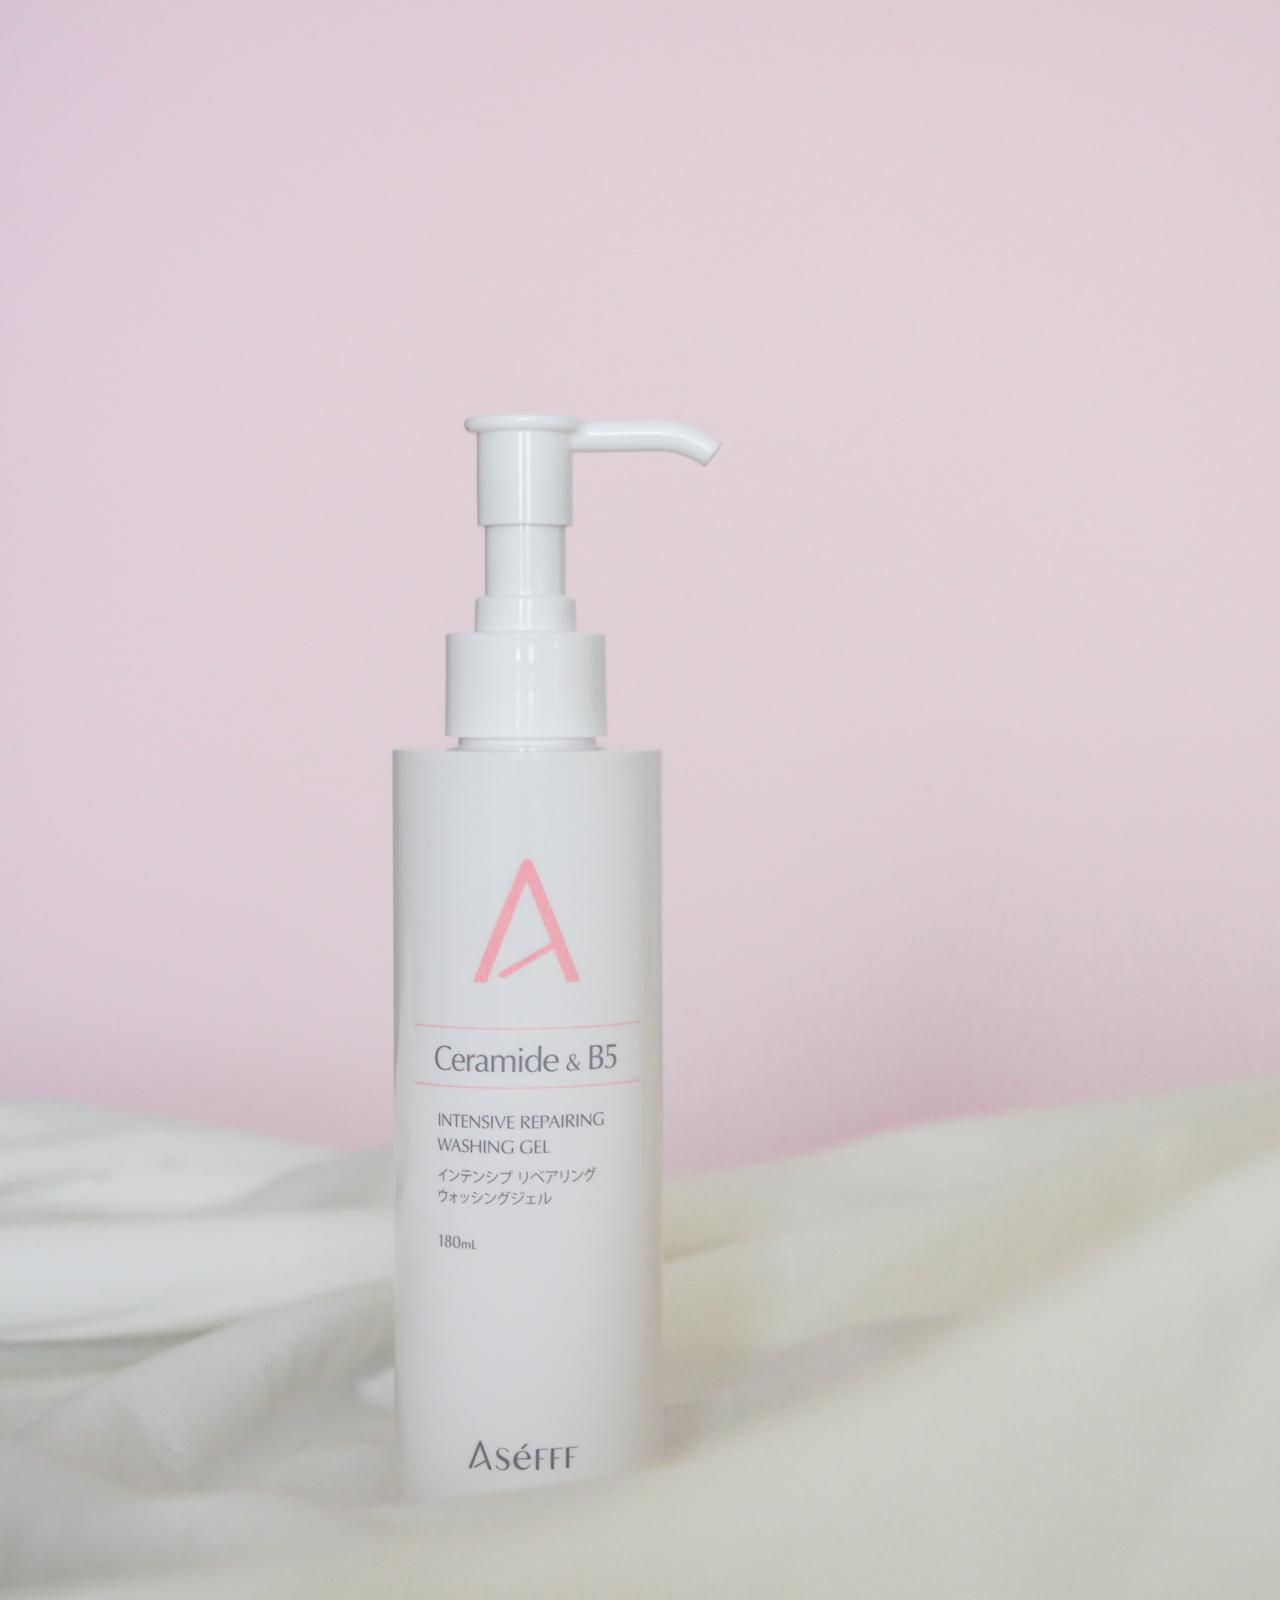 ASéFFF 日本國民精華 超滲透肌底修護保濕系列 專為敏弱肌設計的保養品